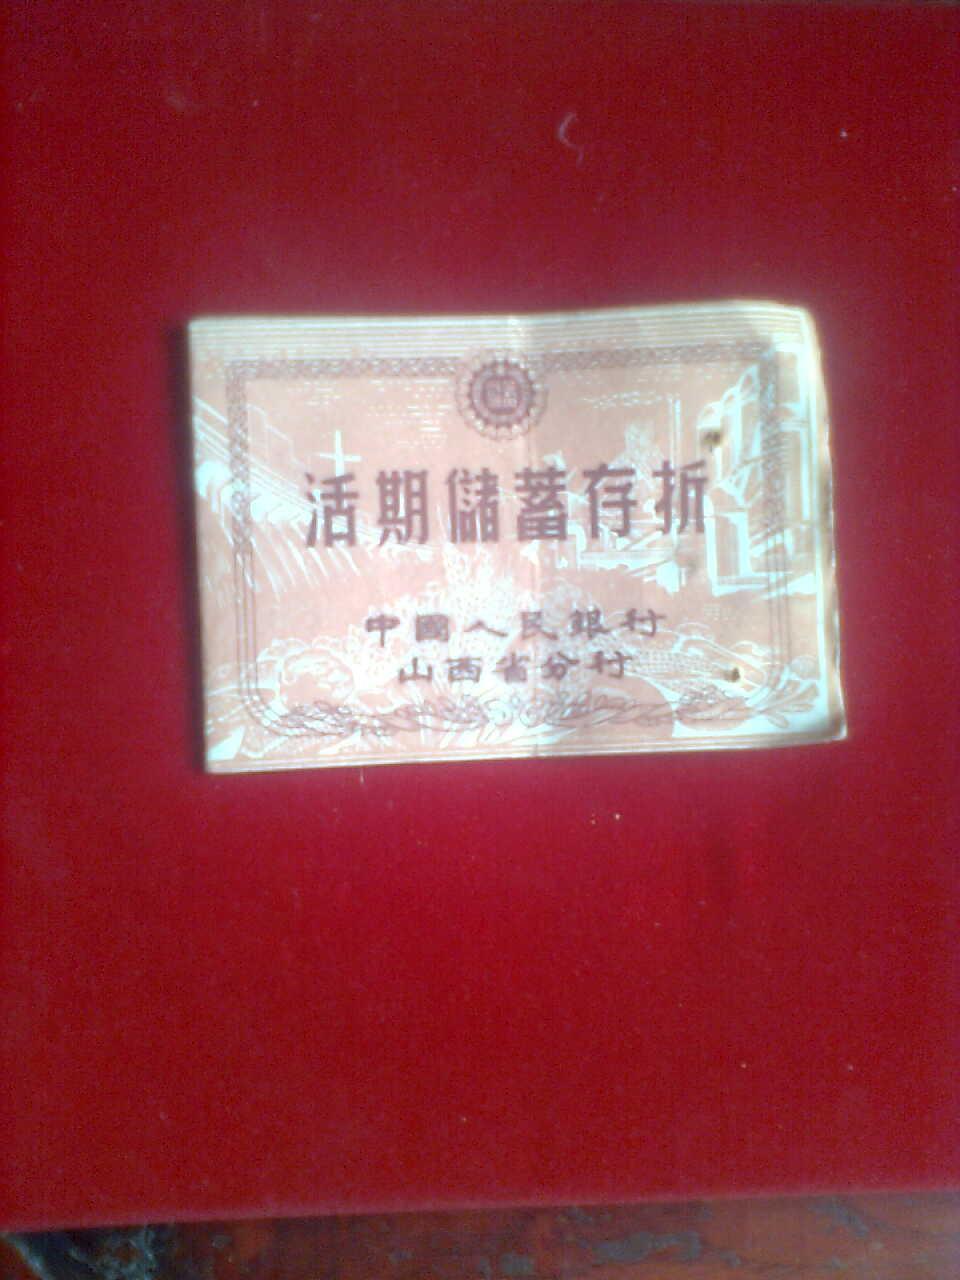 山西著名毛主席瓷像生产地-------壶关县-------国营清流陶瓷厂-------两枚合拍---------活期储蓄存折-------虒人珍藏